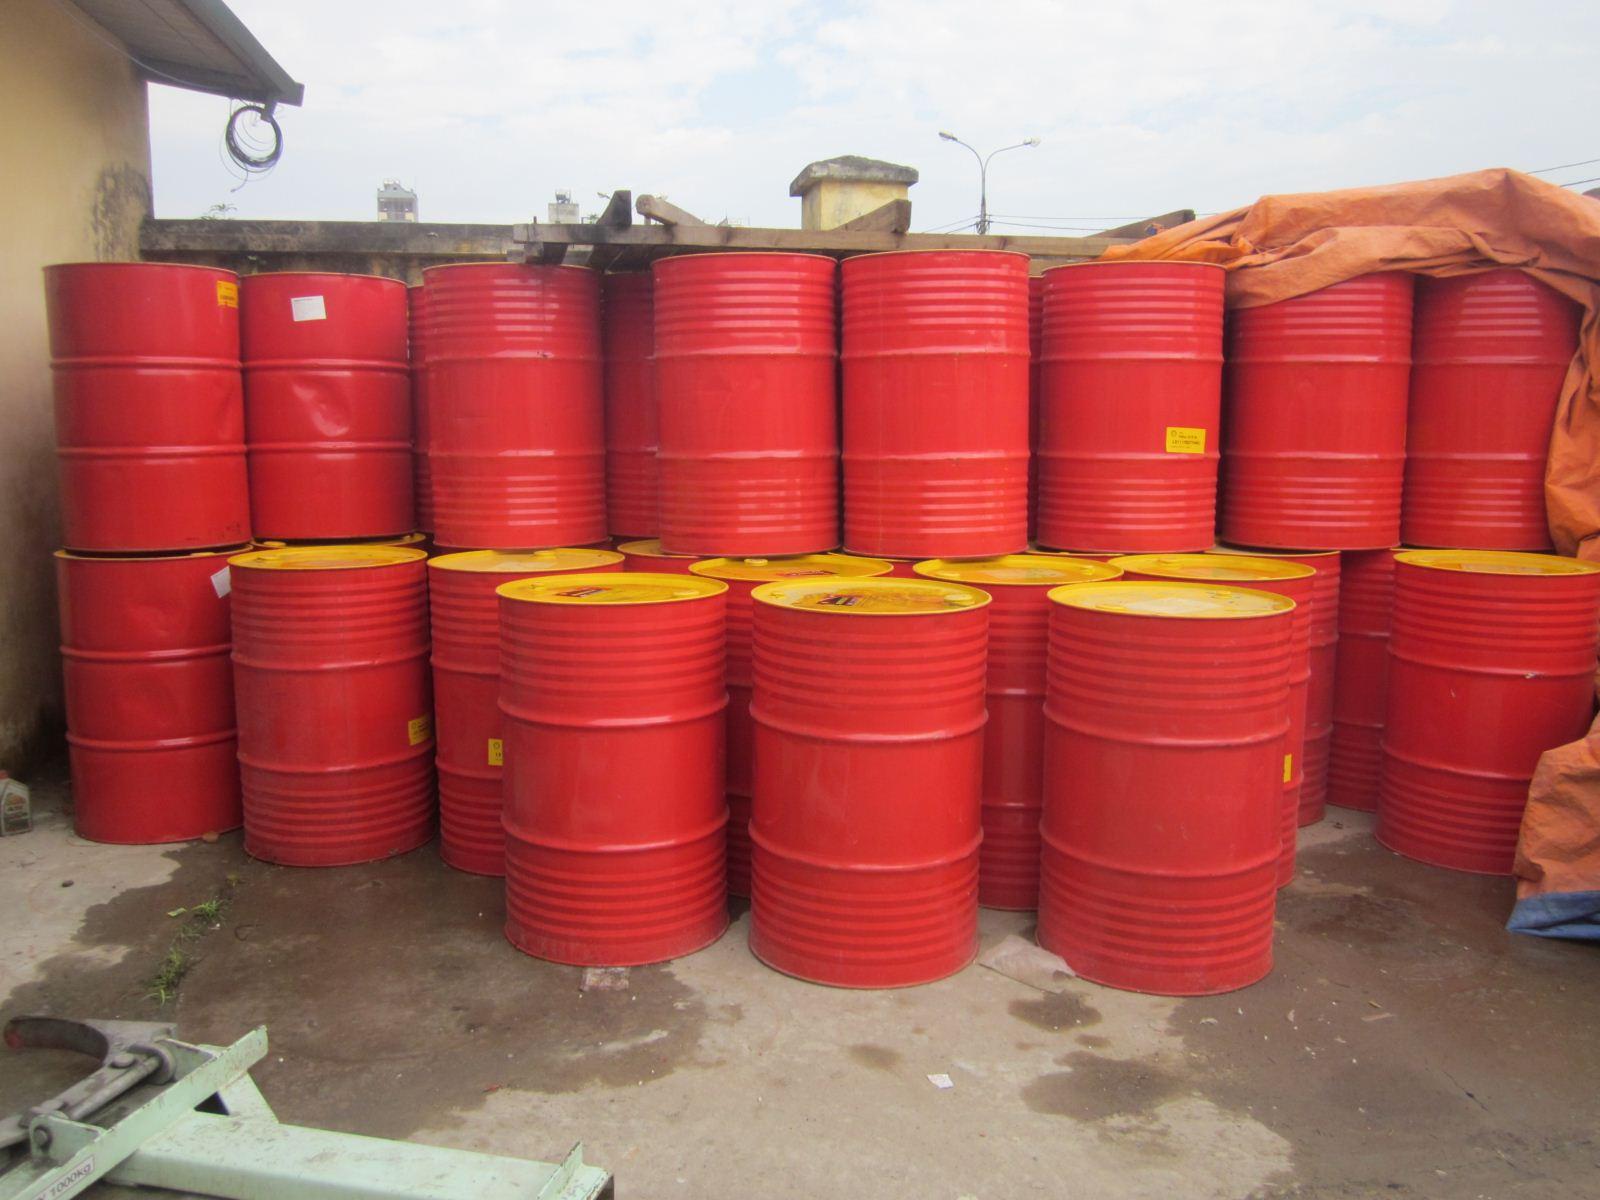 Hình ảnh kho dầu động cơ ngoài trời của công ty Yên Hưng